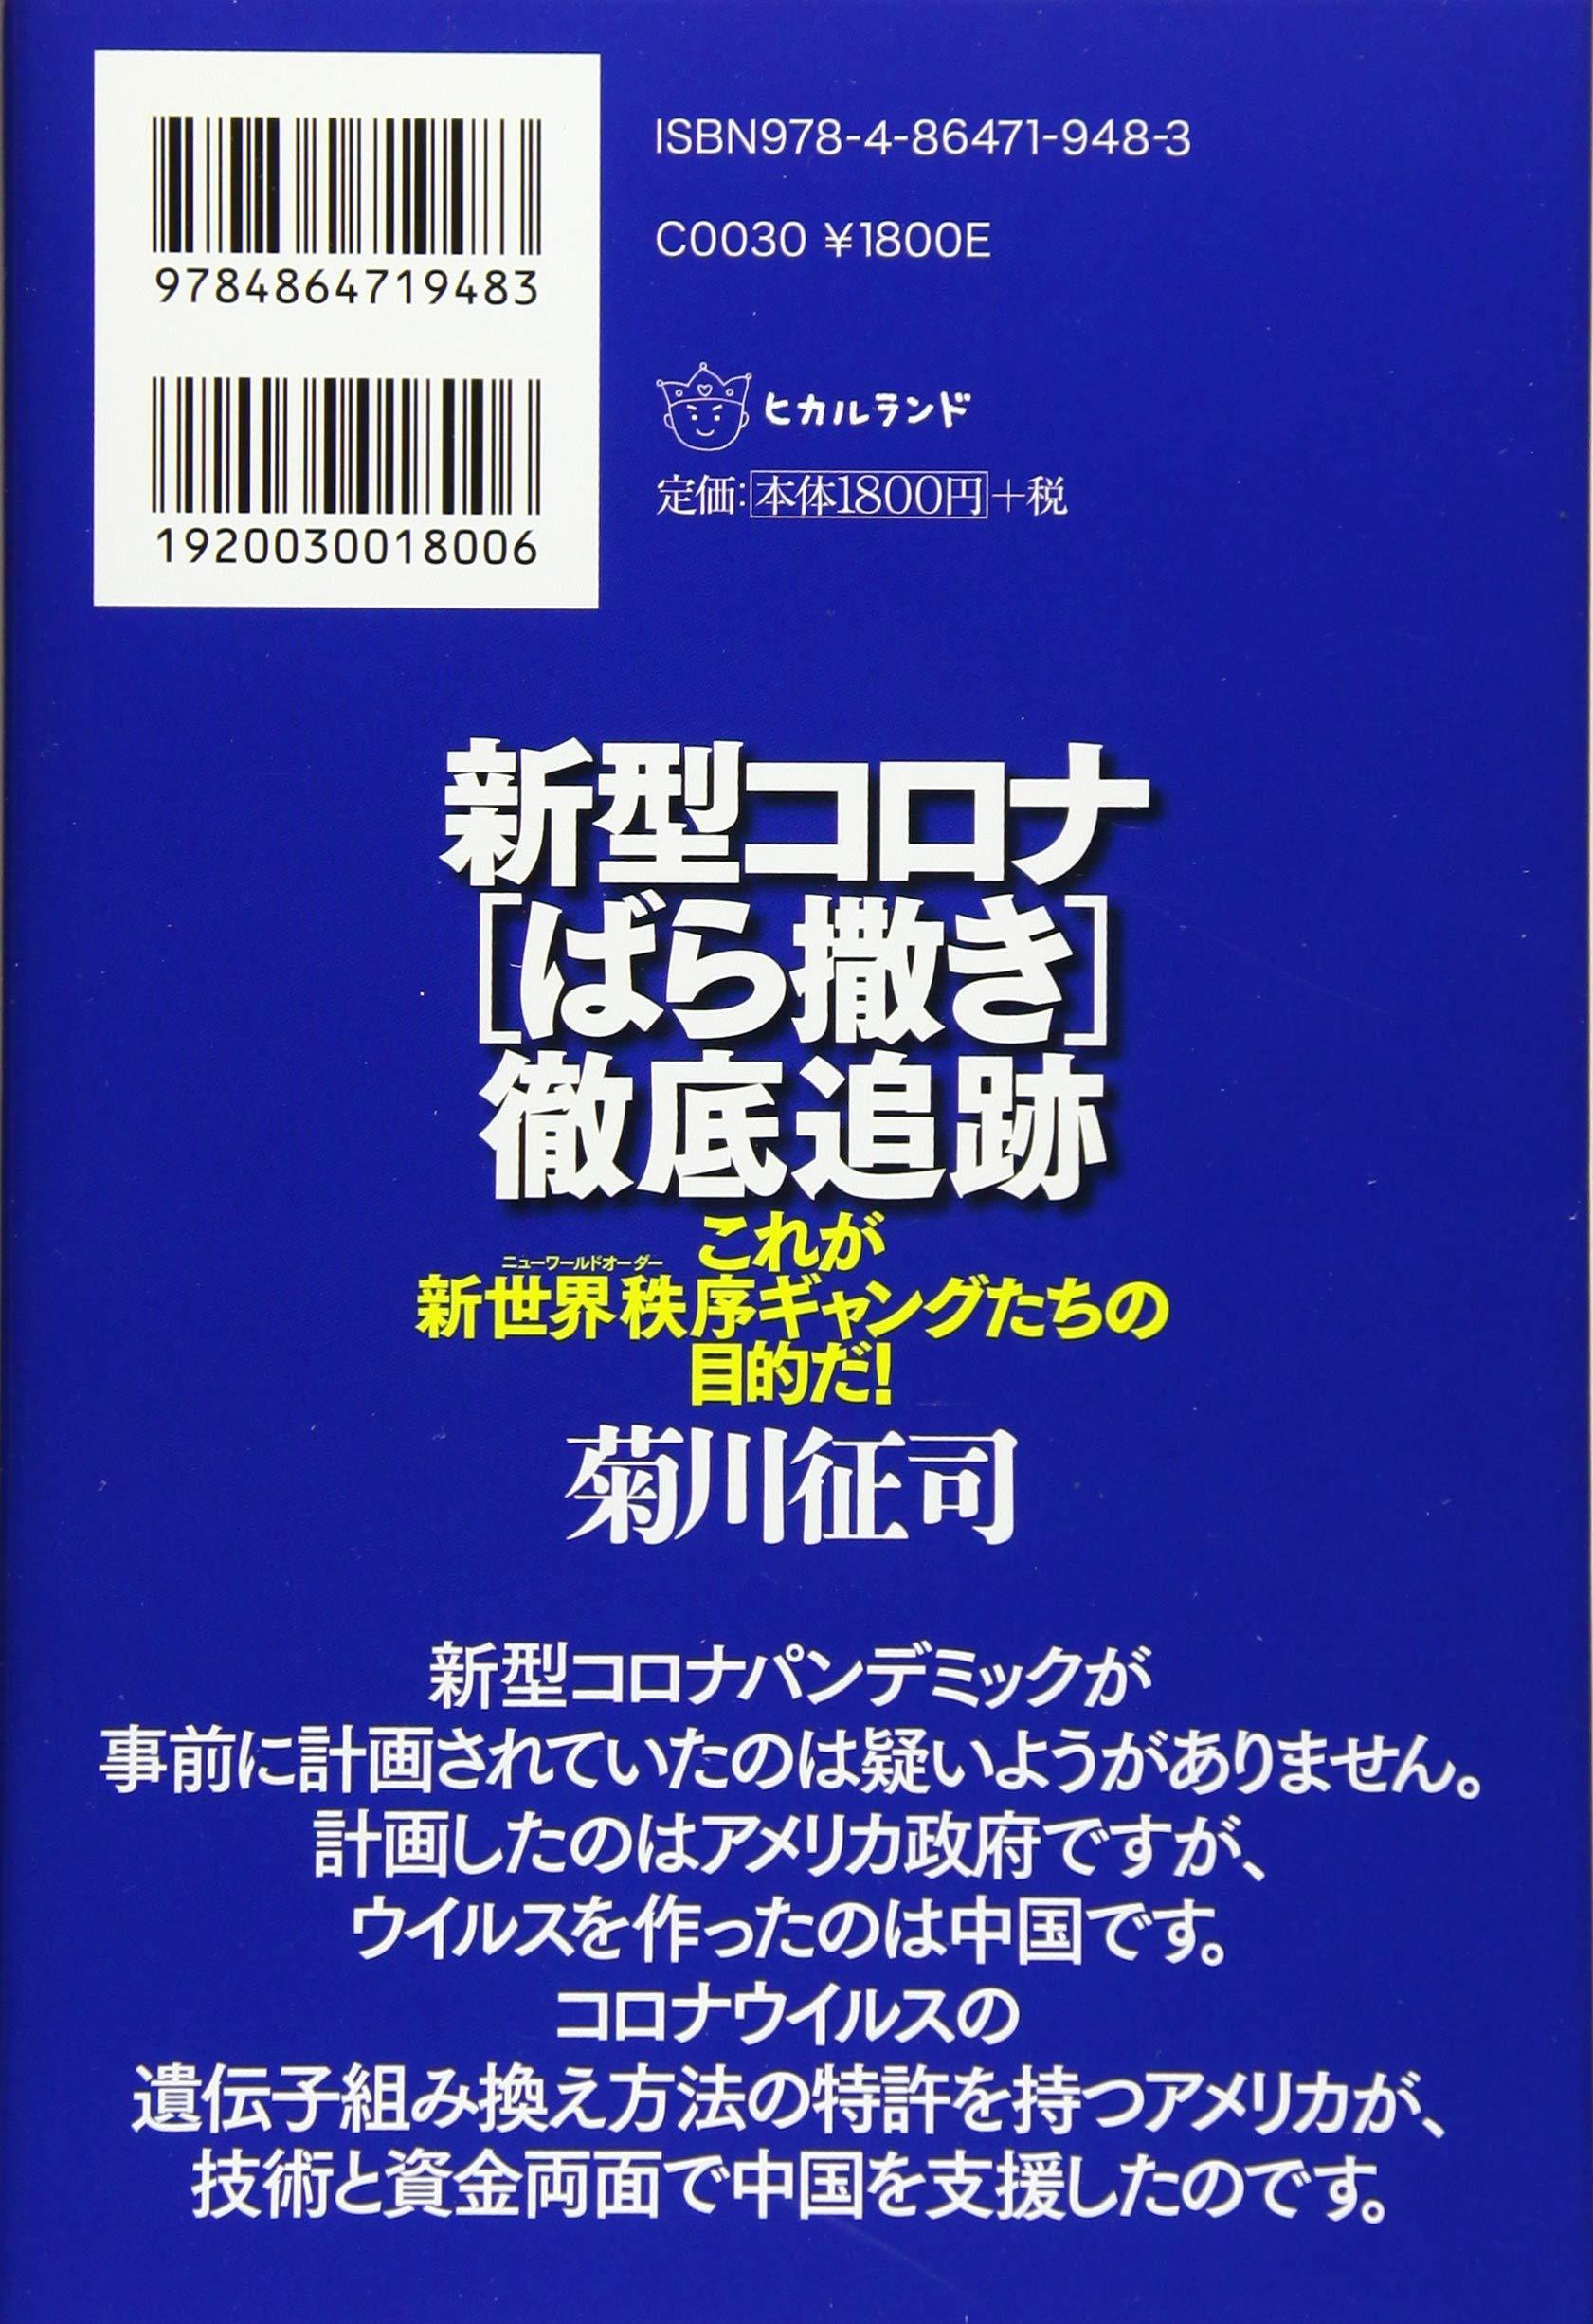 新型コロナ[ばら撒き]徹底追跡 | 菊川 征司 |本 | 通販 | Amazon